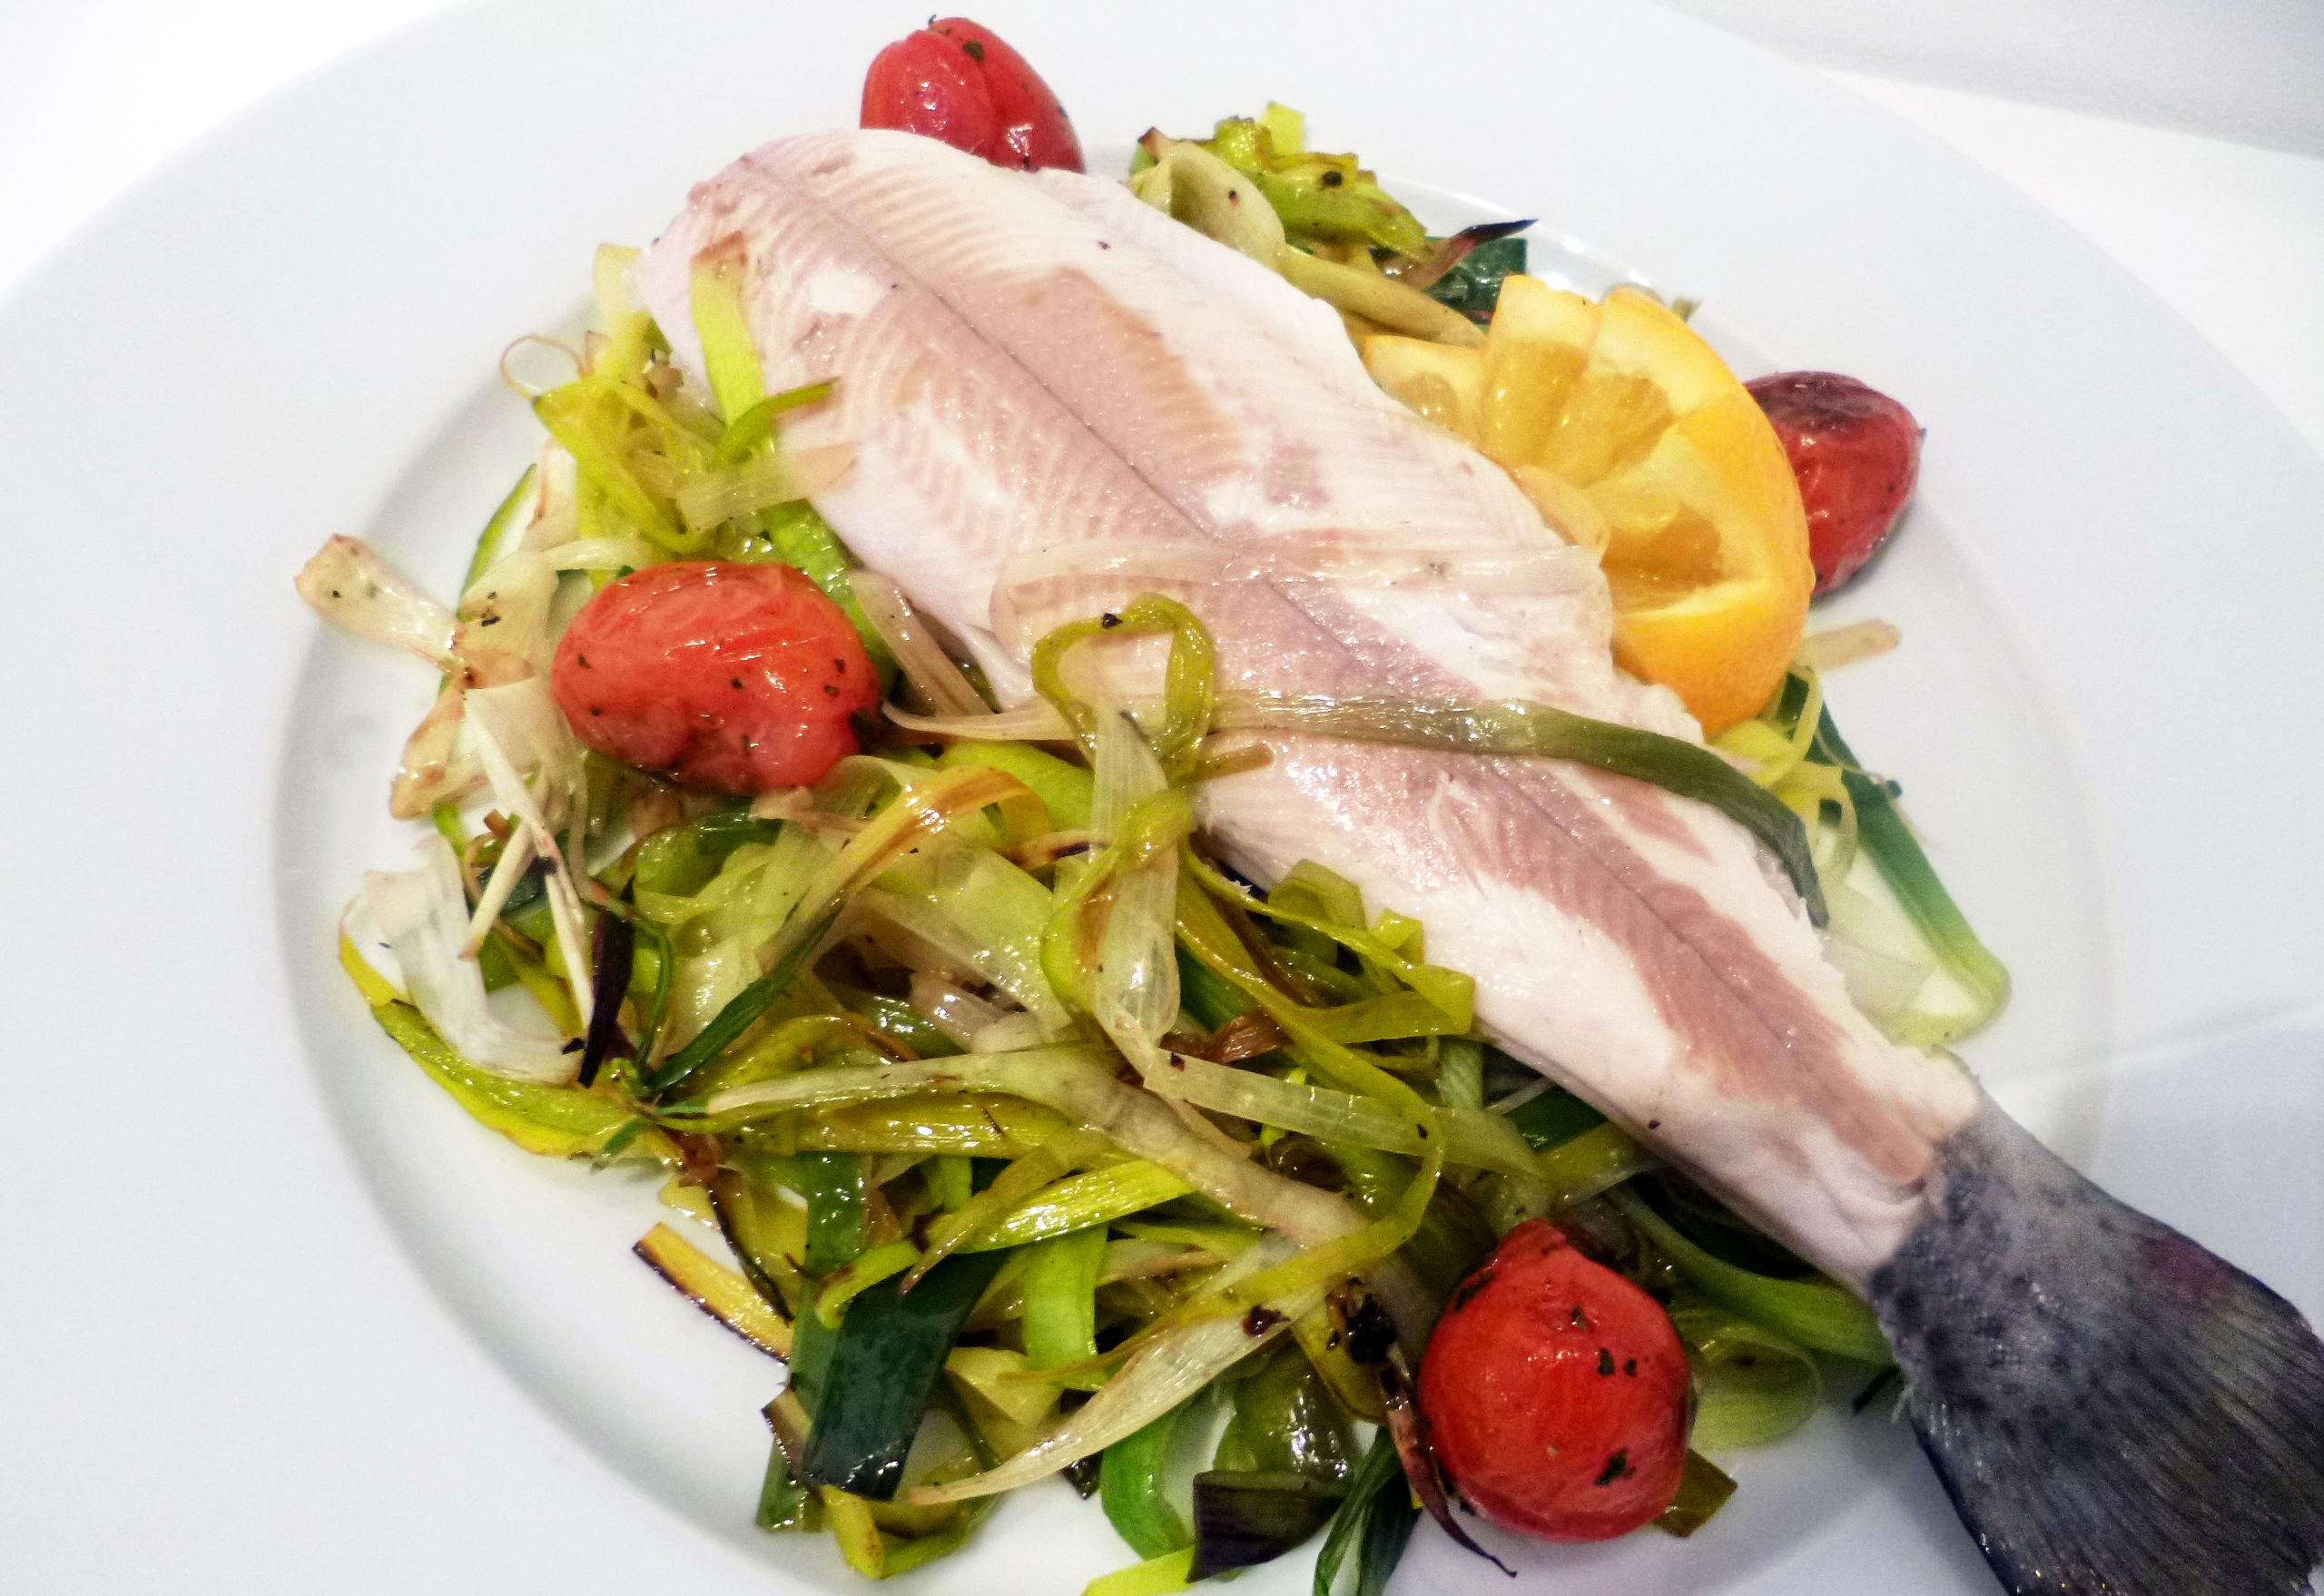 Truites la plancha la recette facile par toqu s 2 cuisine - La cuisine a la plancha ...